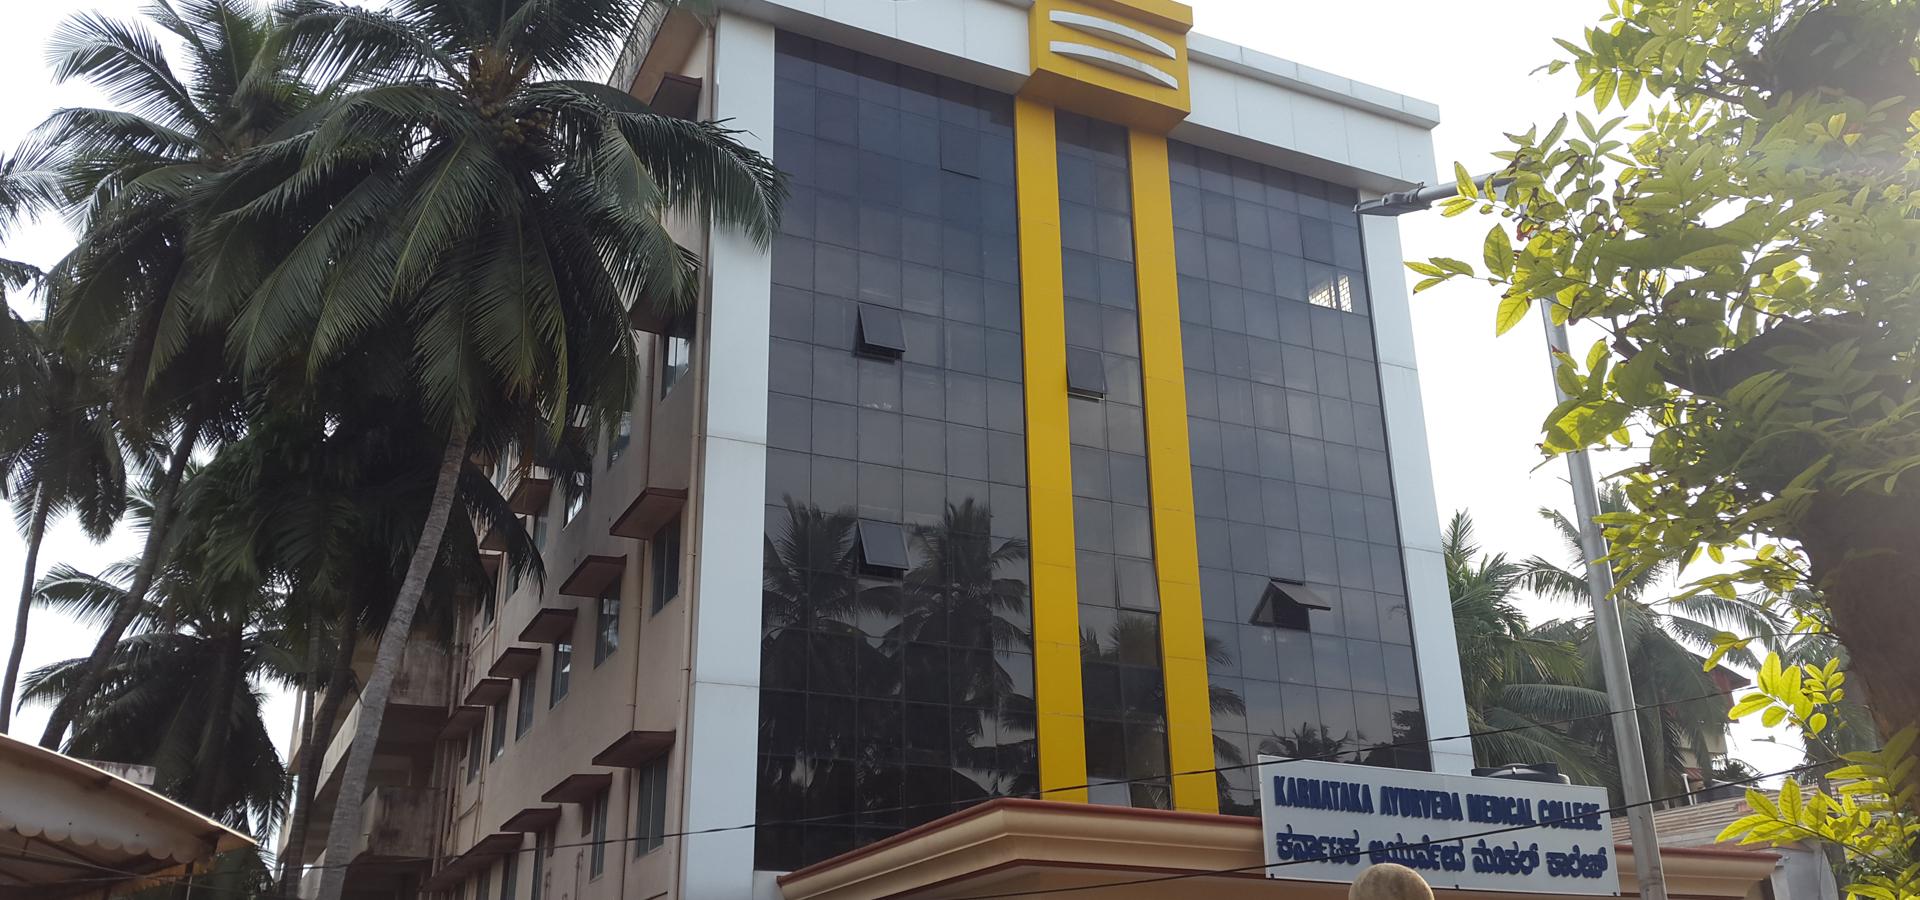 Karnataka Ayurveda Medical College and Hospital Image